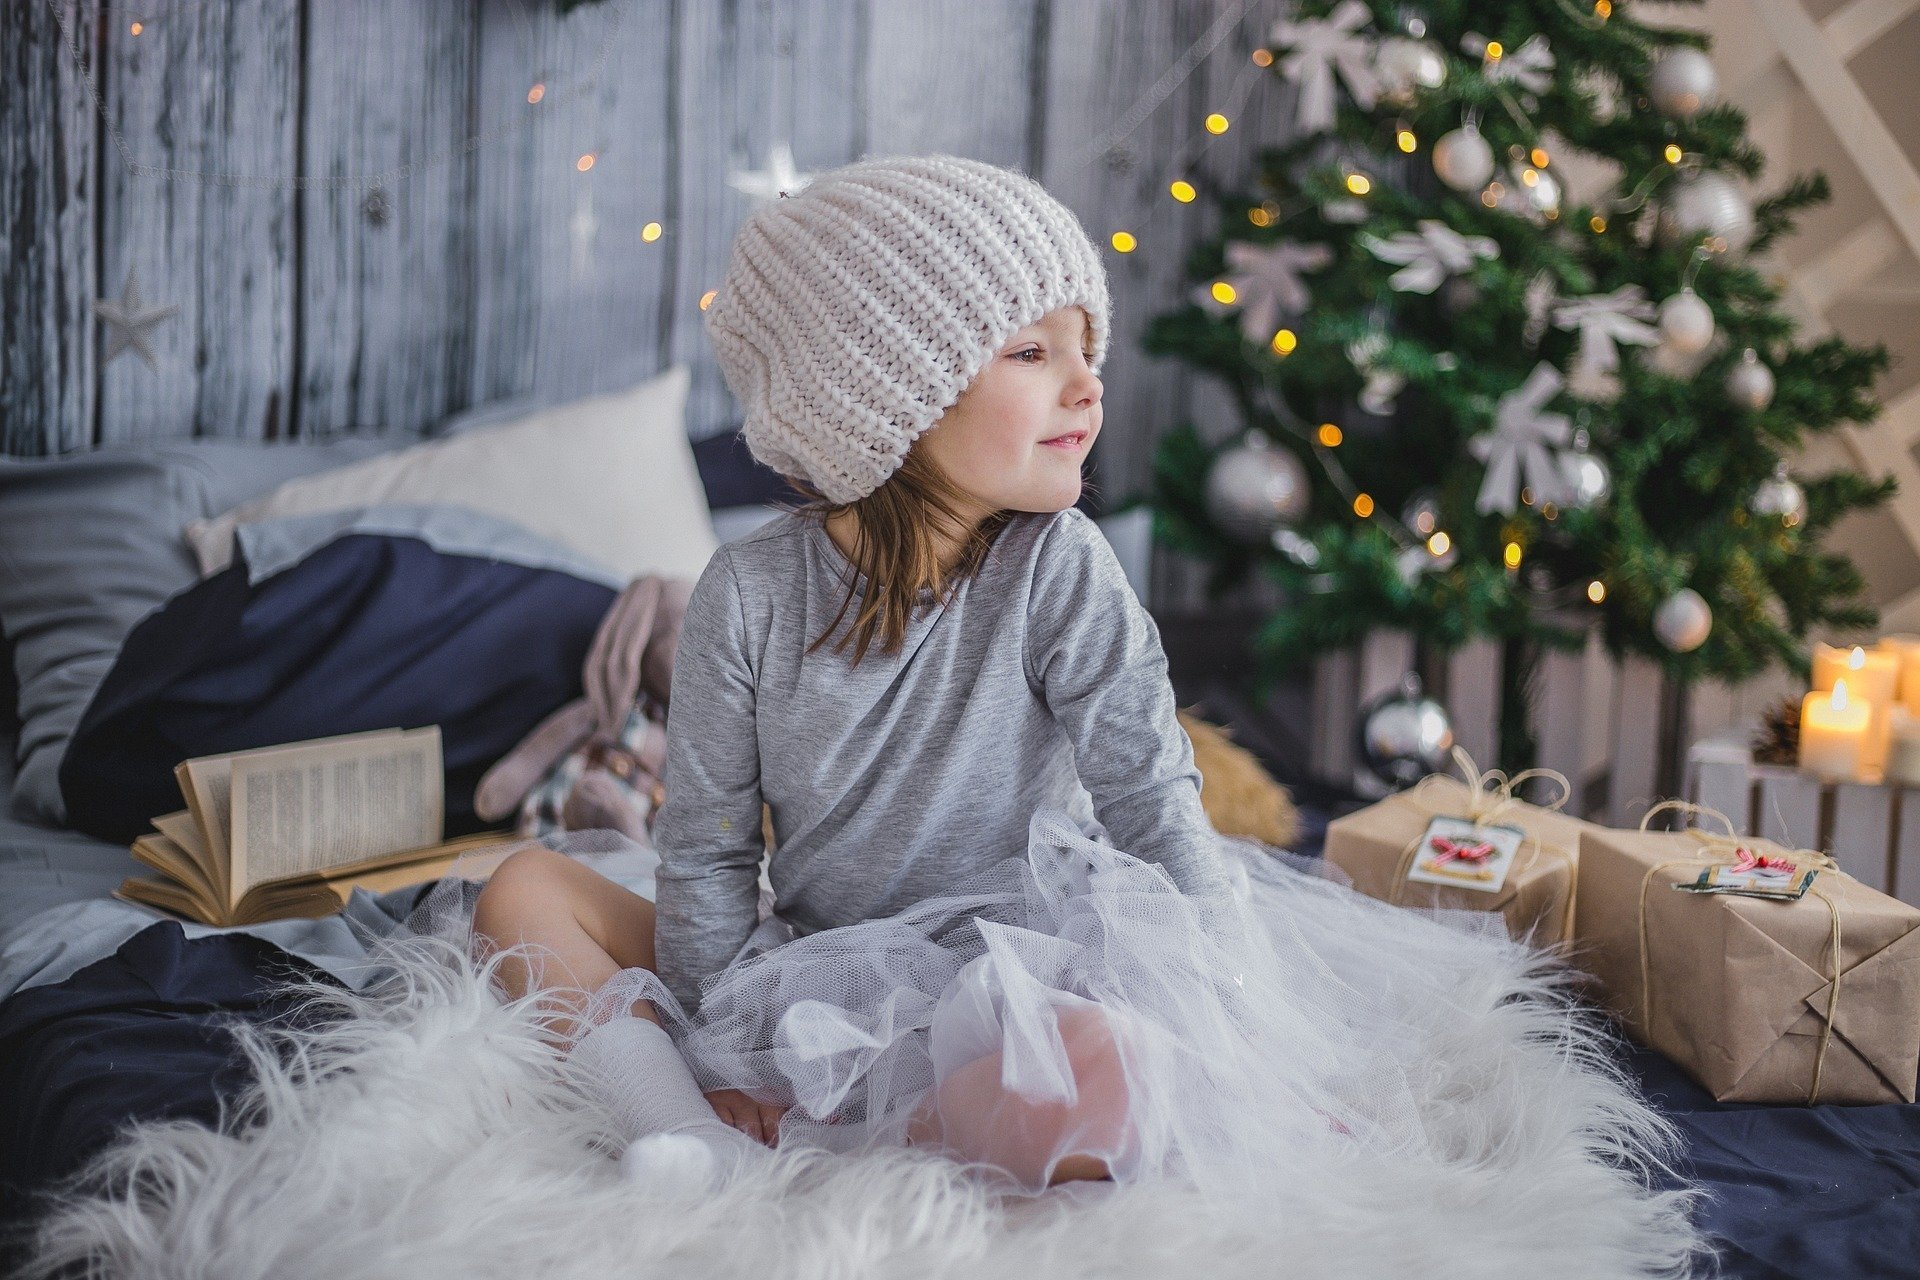 motivos para pasarte todas las navidades en la cama